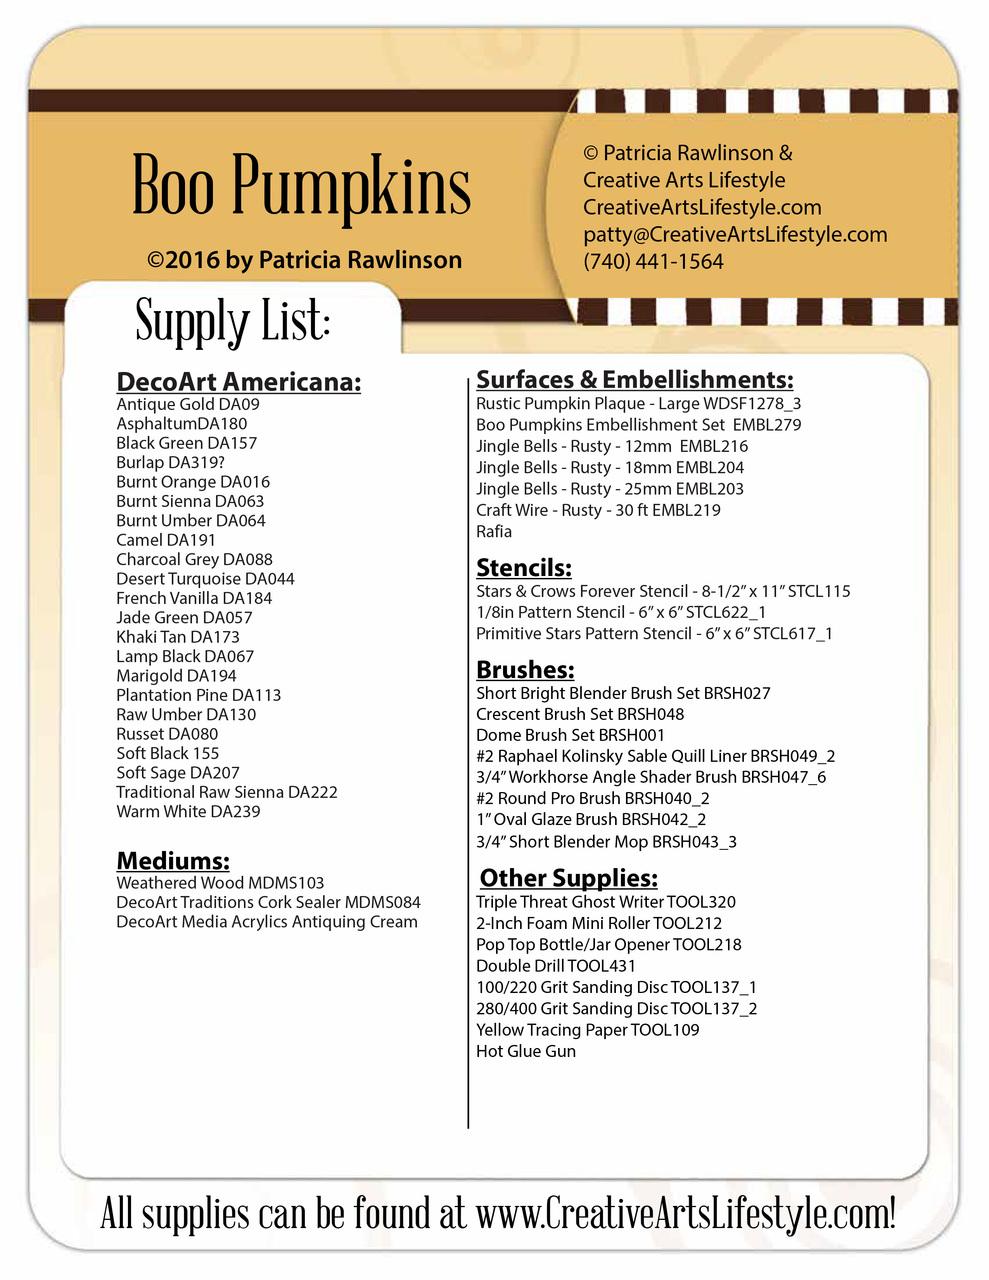 Boo Pumpkins - E-Packet - Patricia Rawlinson